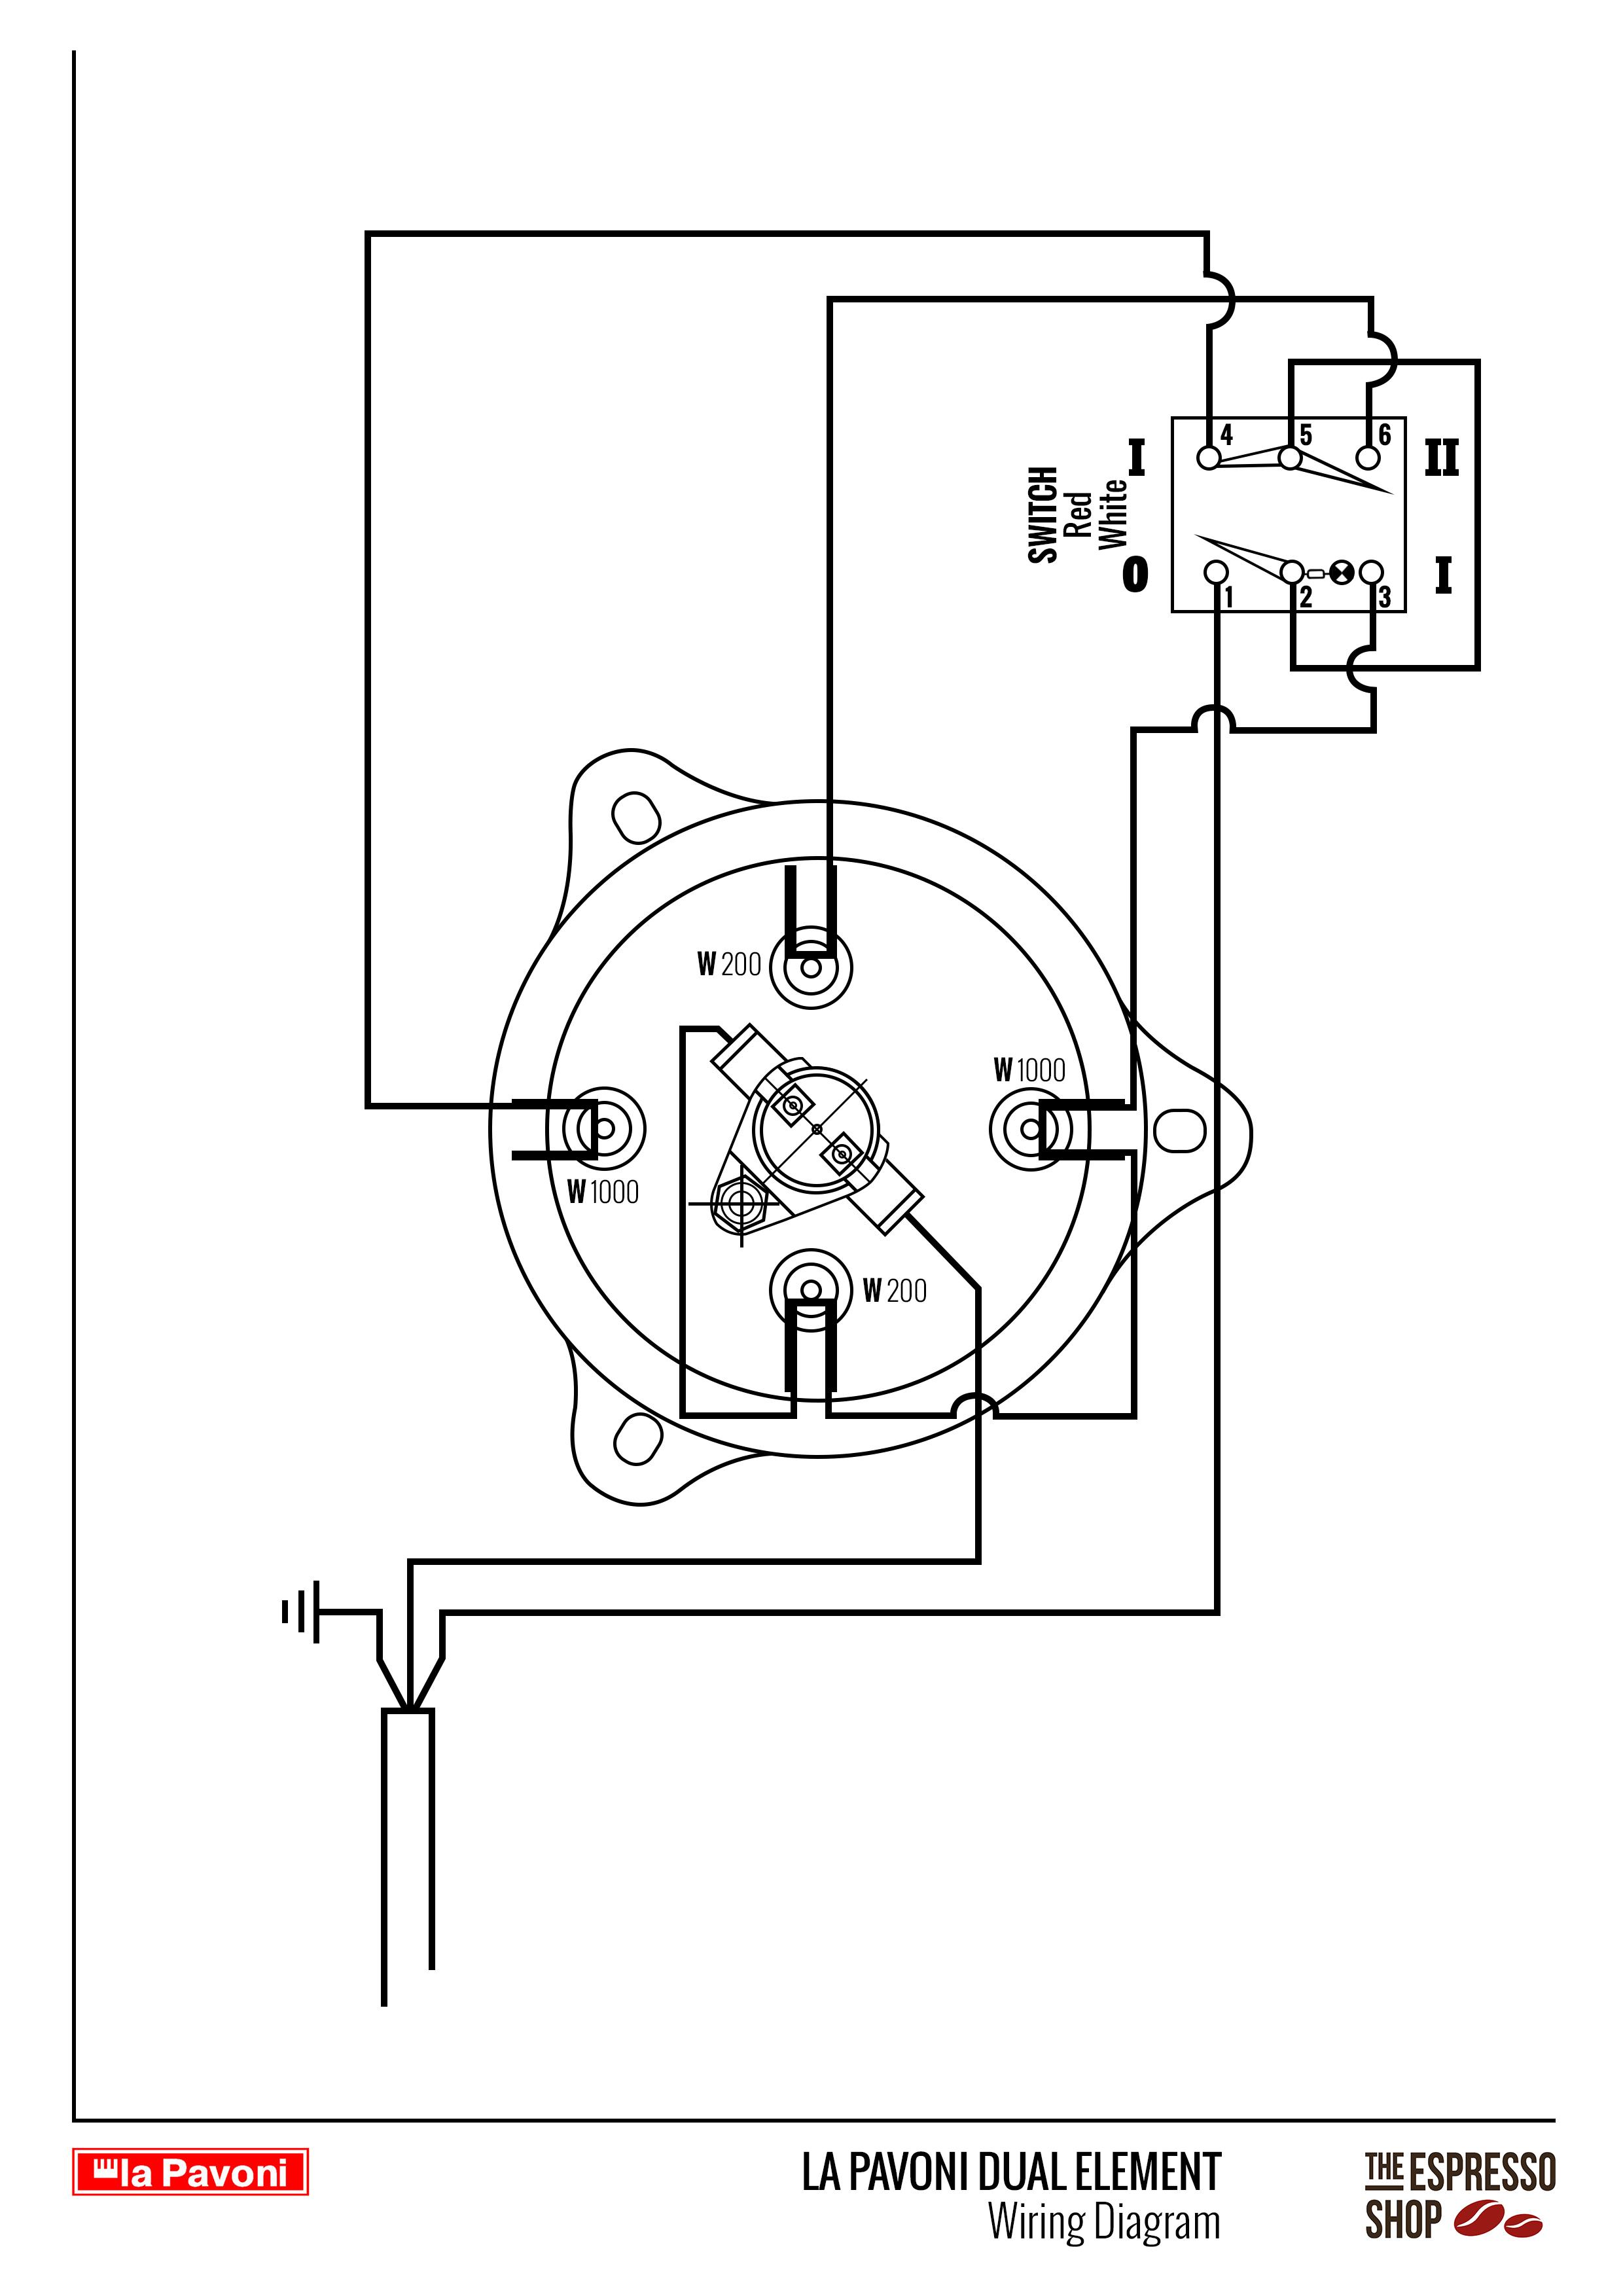 Shop Wiring Diagrams - Wiring Schematics on